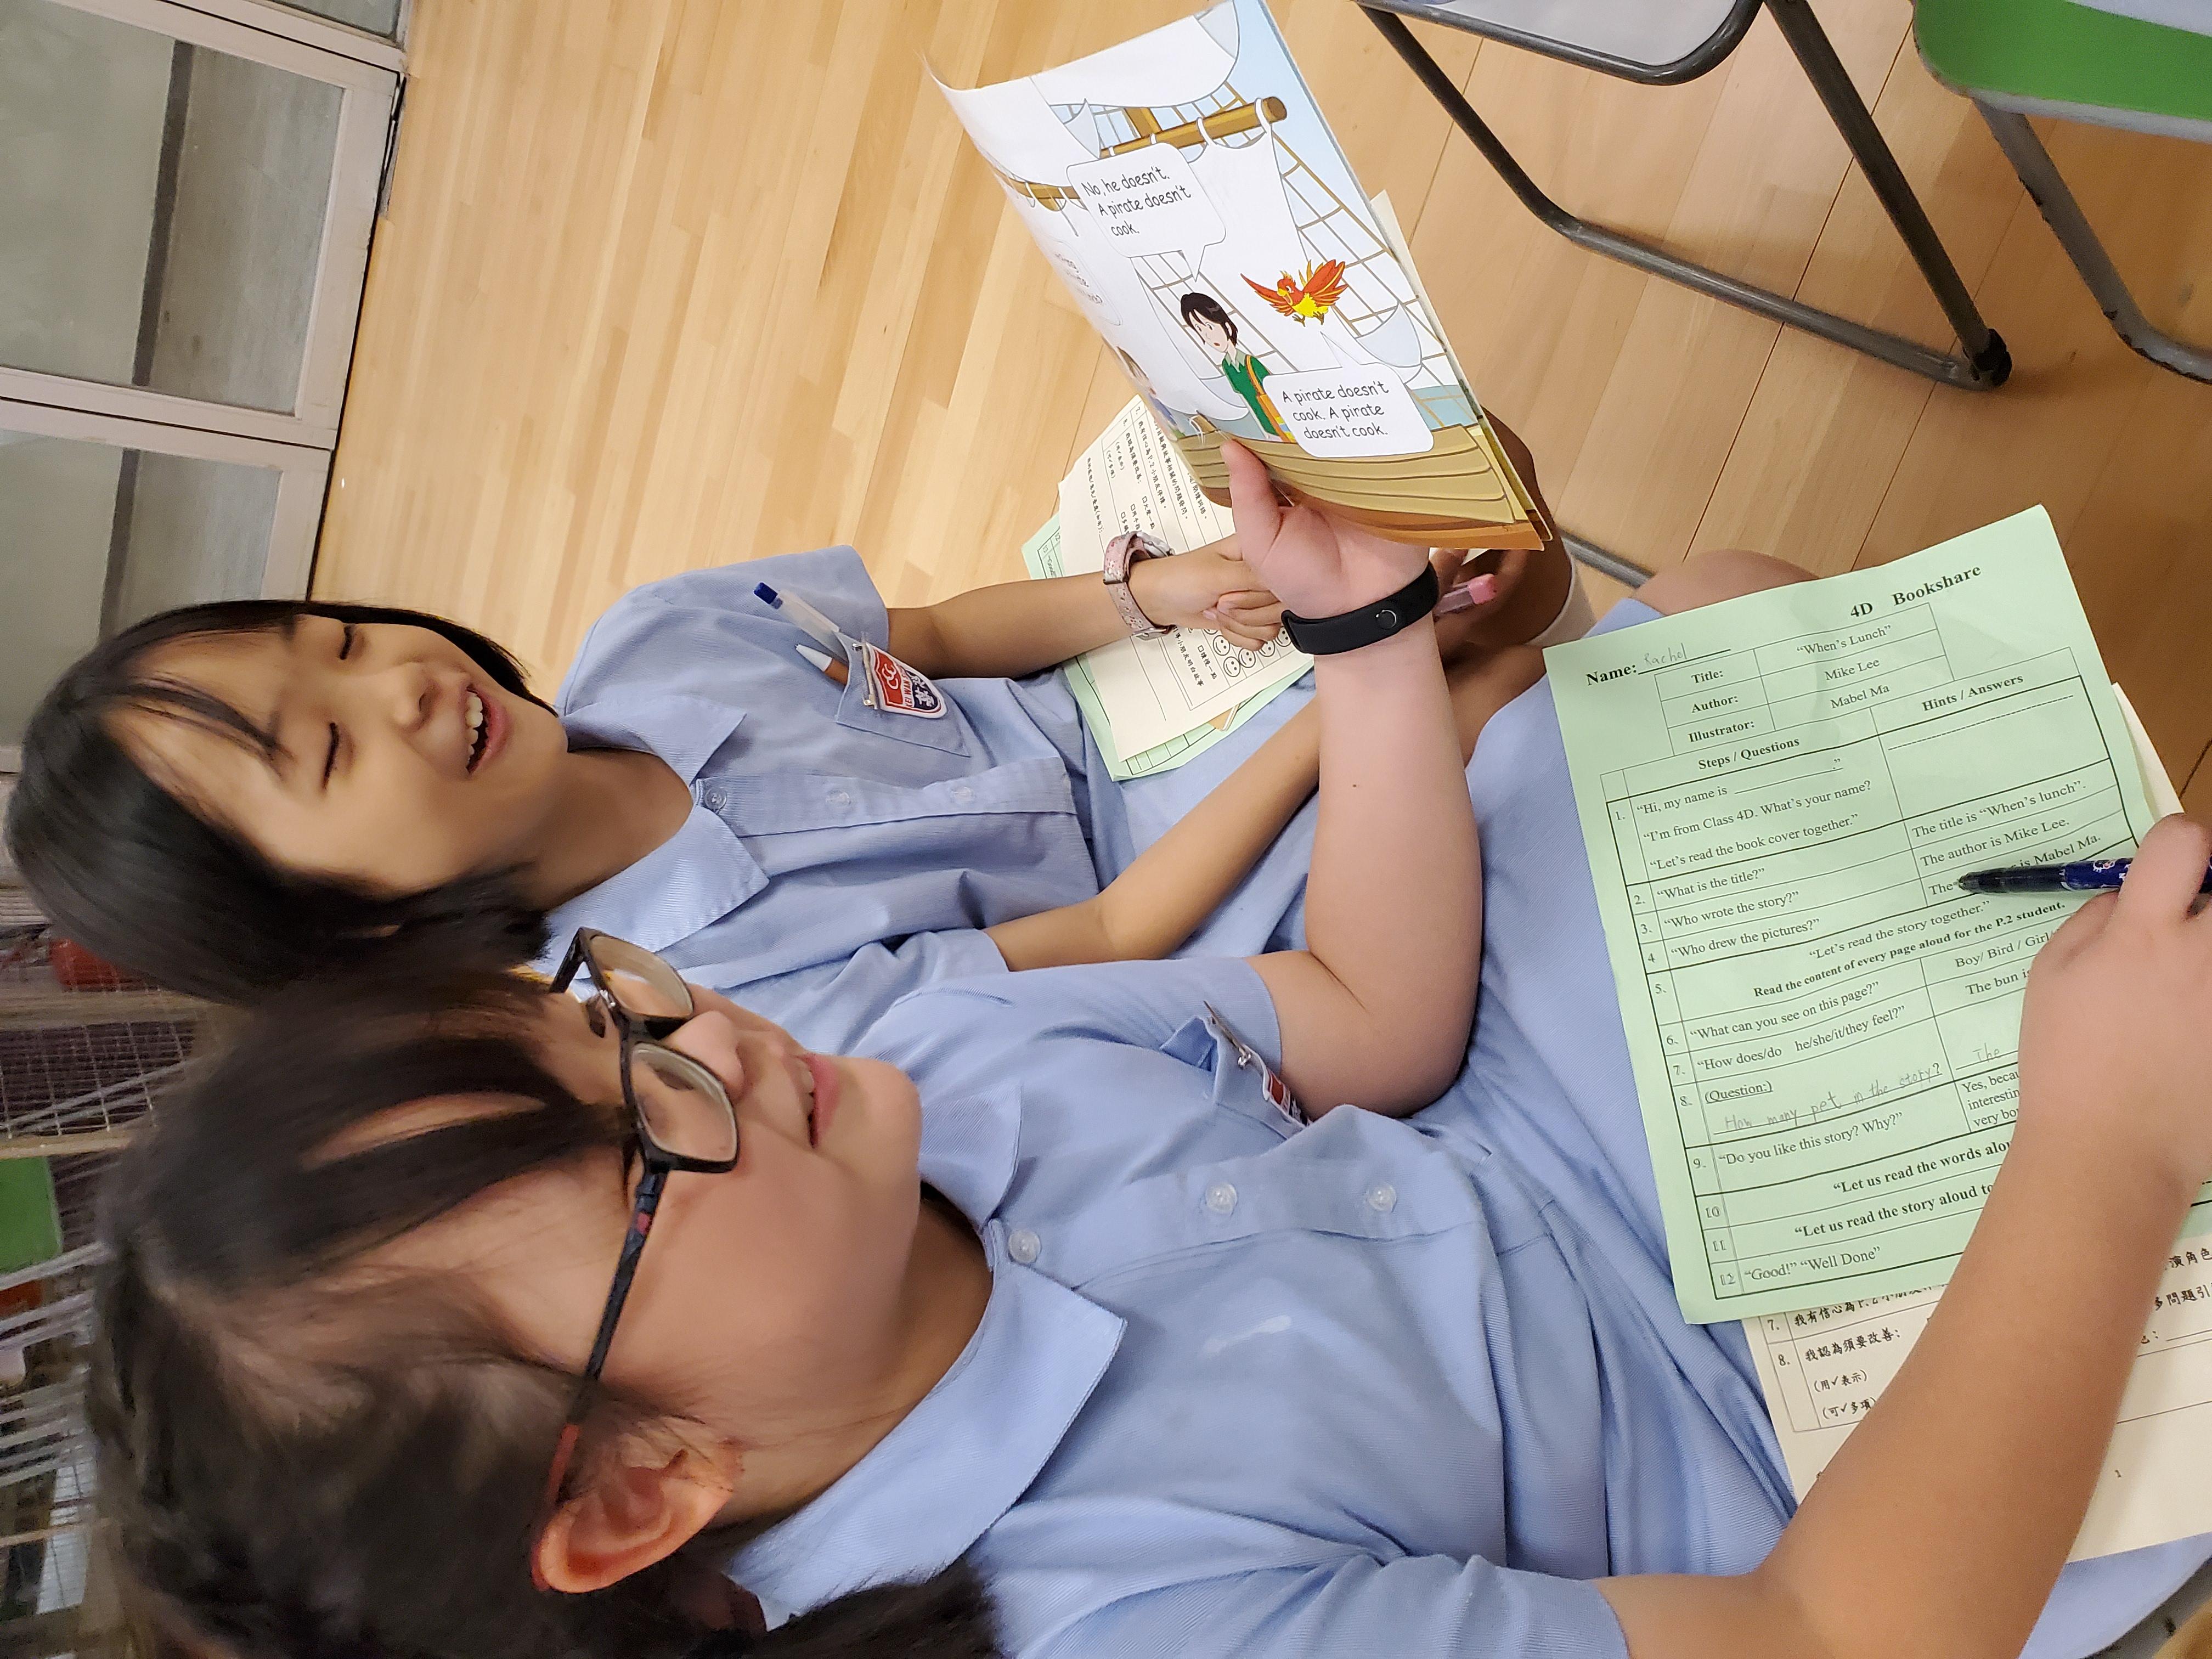 http://www.keiwan.edu.hk/sites/default/files/20191016_133916.jpg